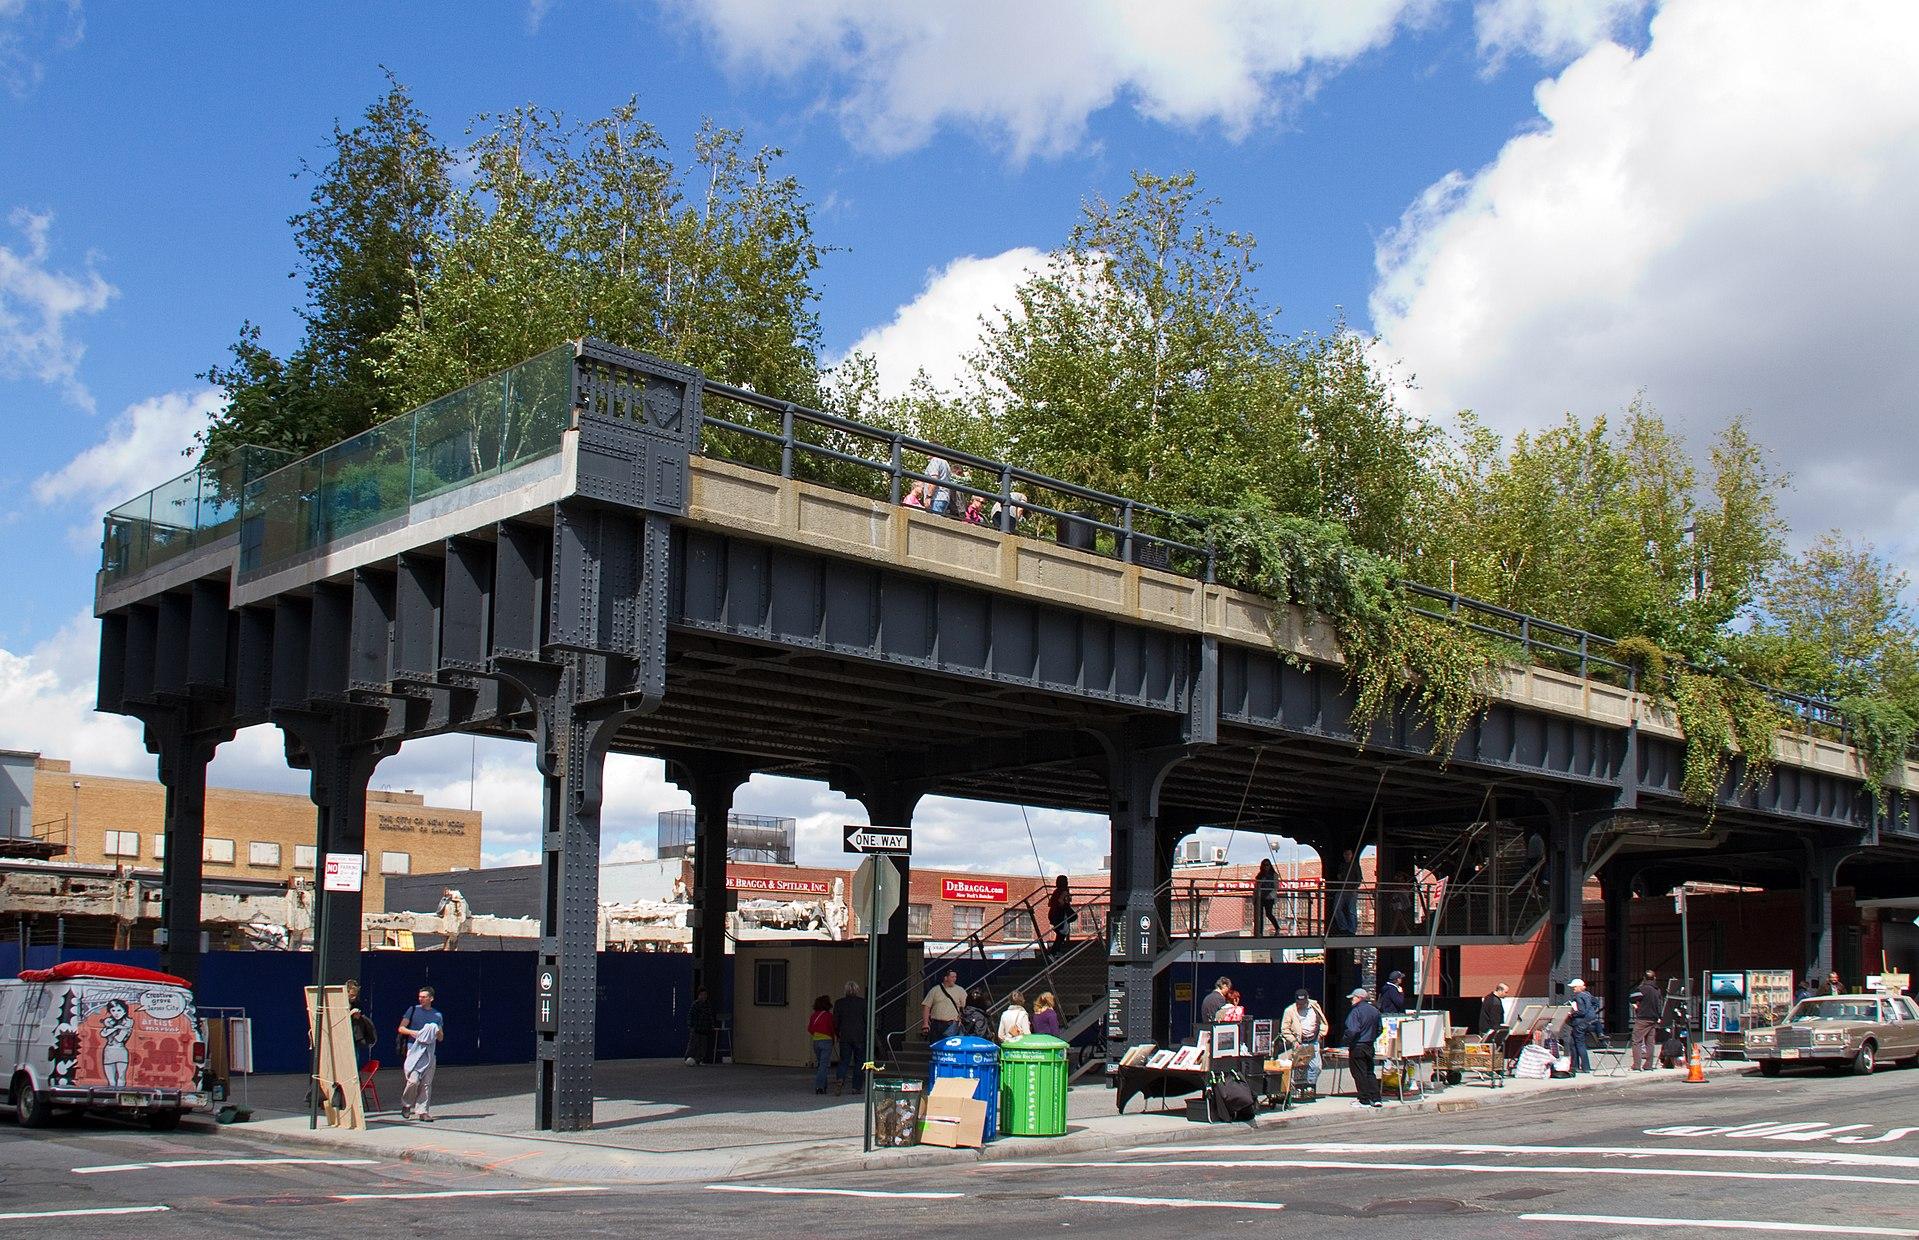 high line park new york city etats unis usa parc voie ferrée urbaine